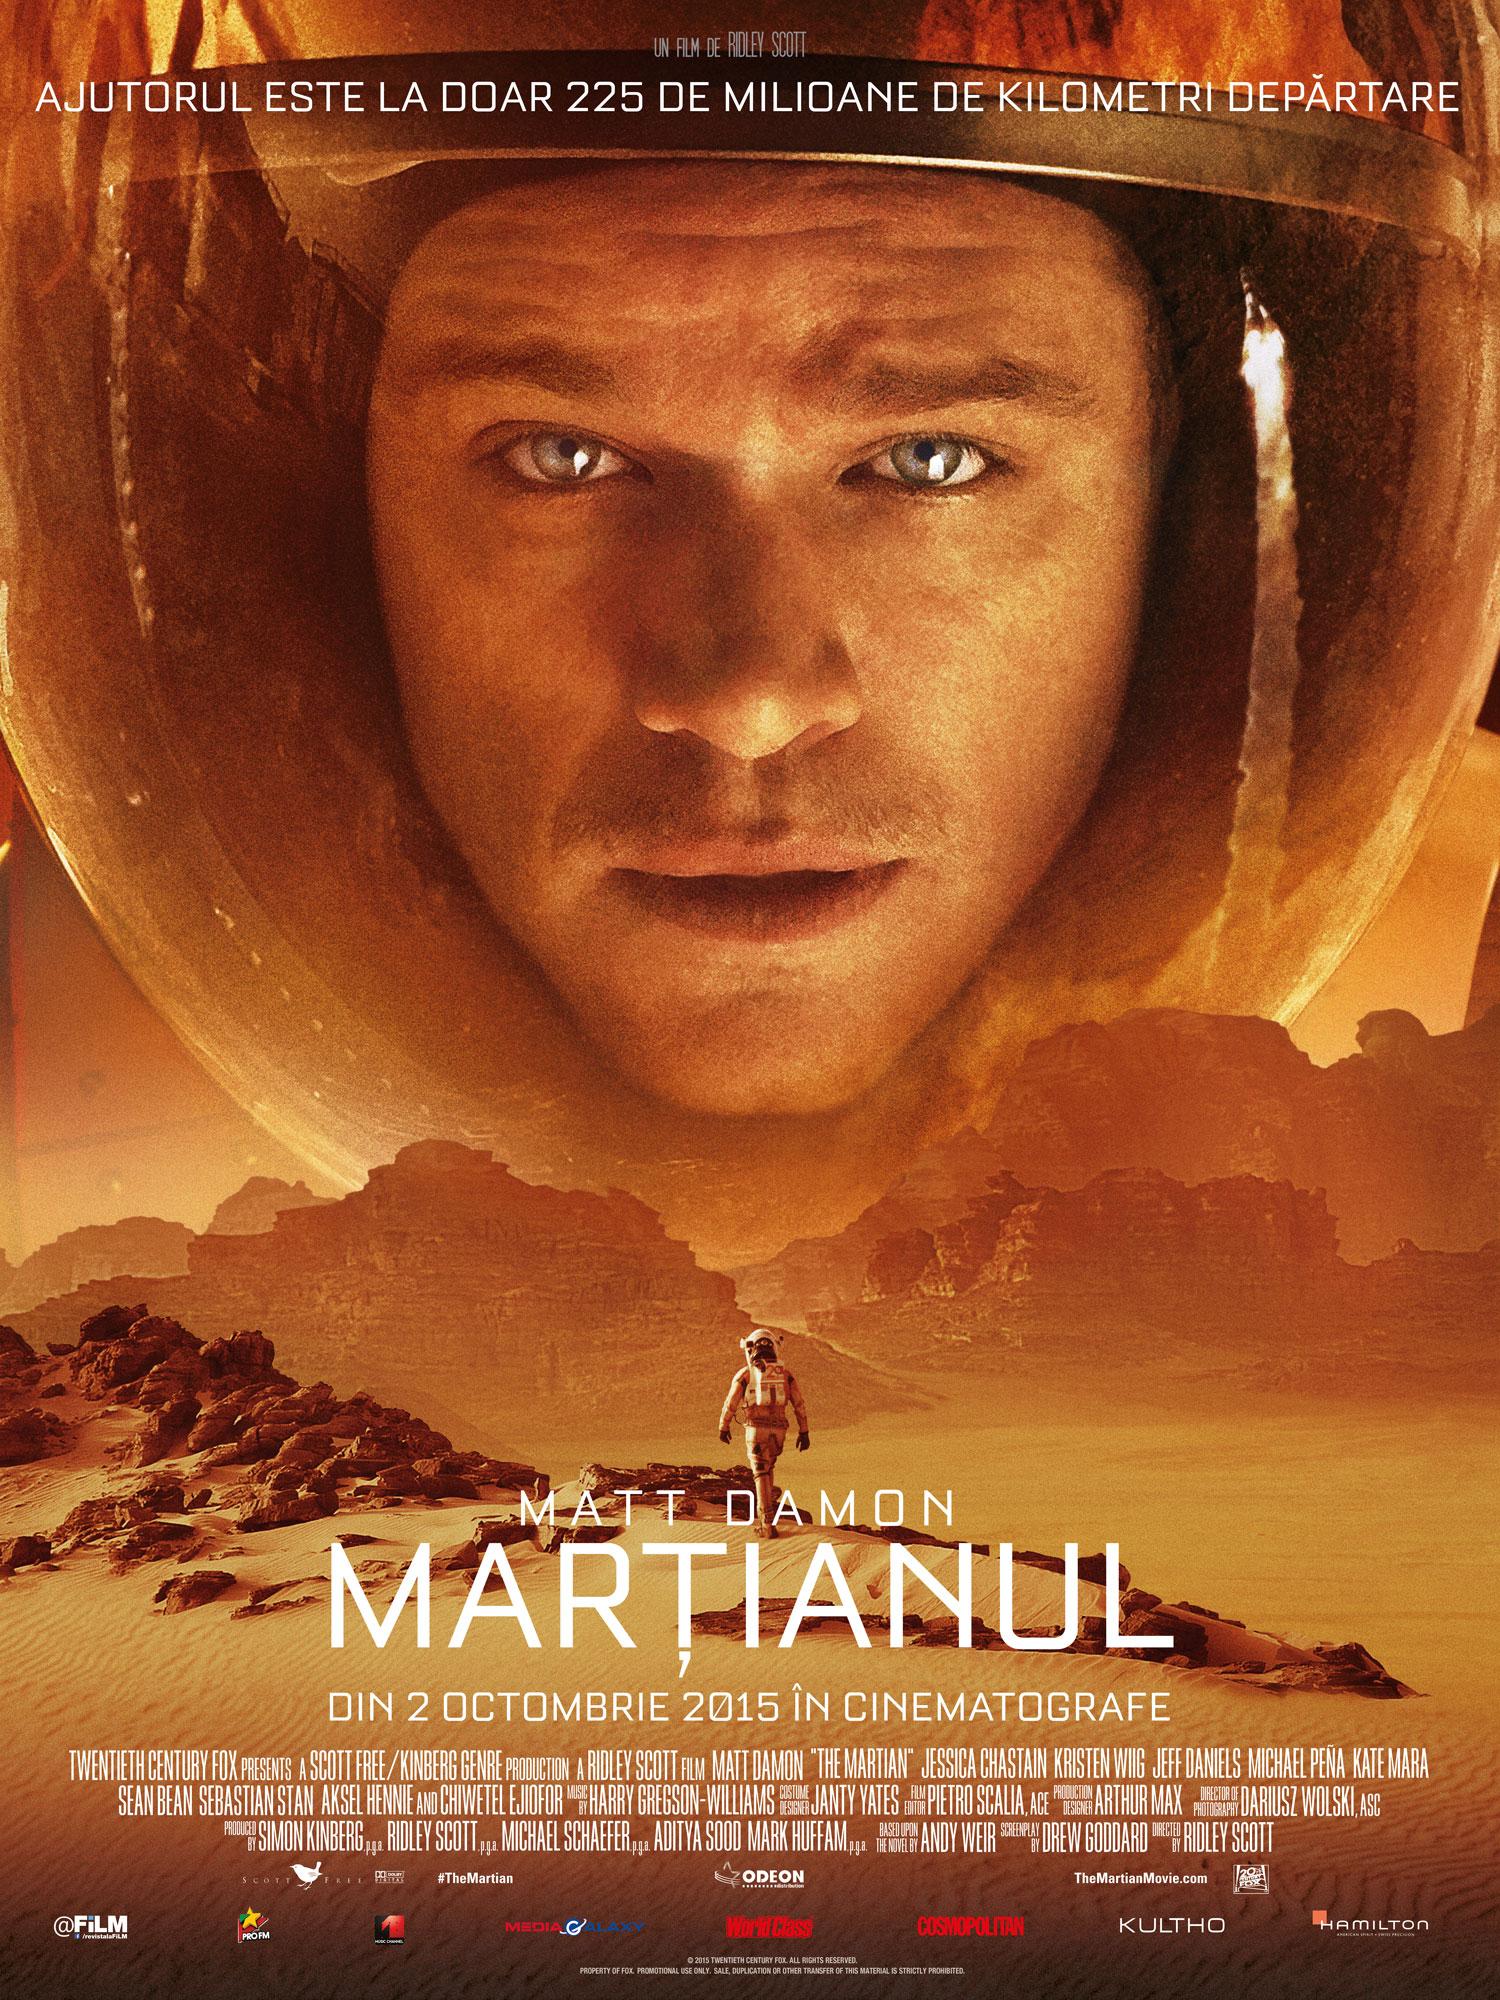 The Martian (2015) Marţianul The-martian-722224l